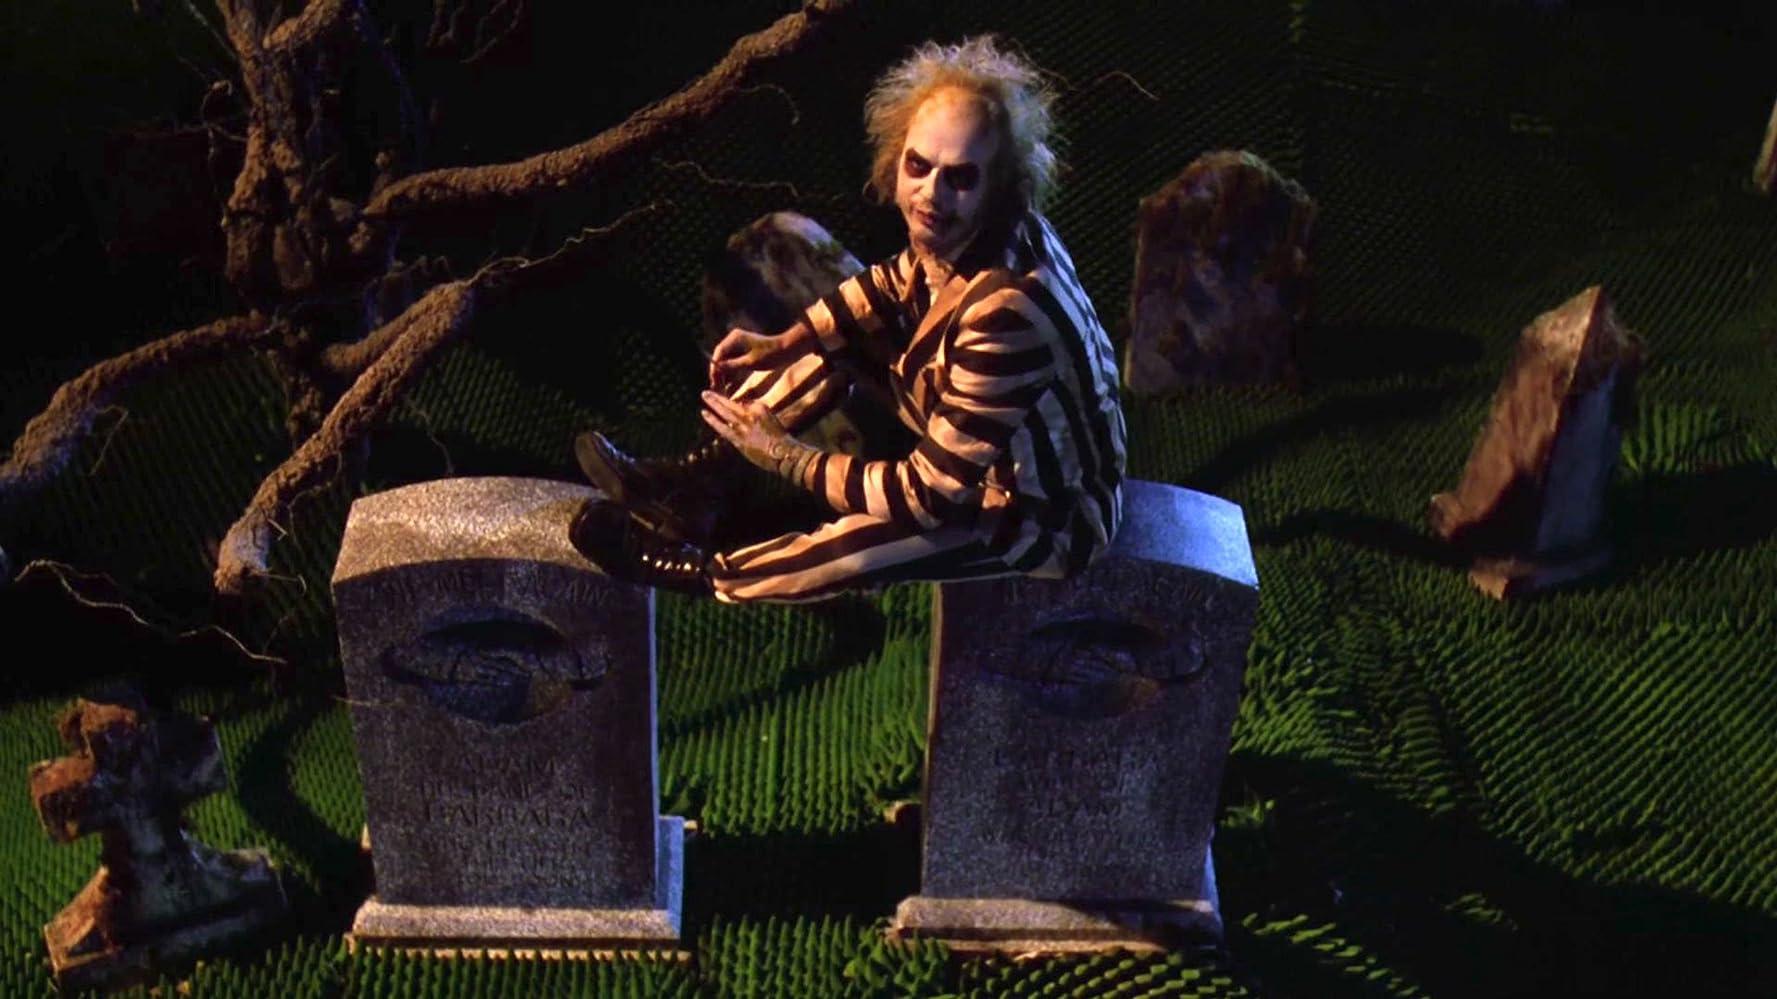 Michael Keaton in Beetlejuice (1988)